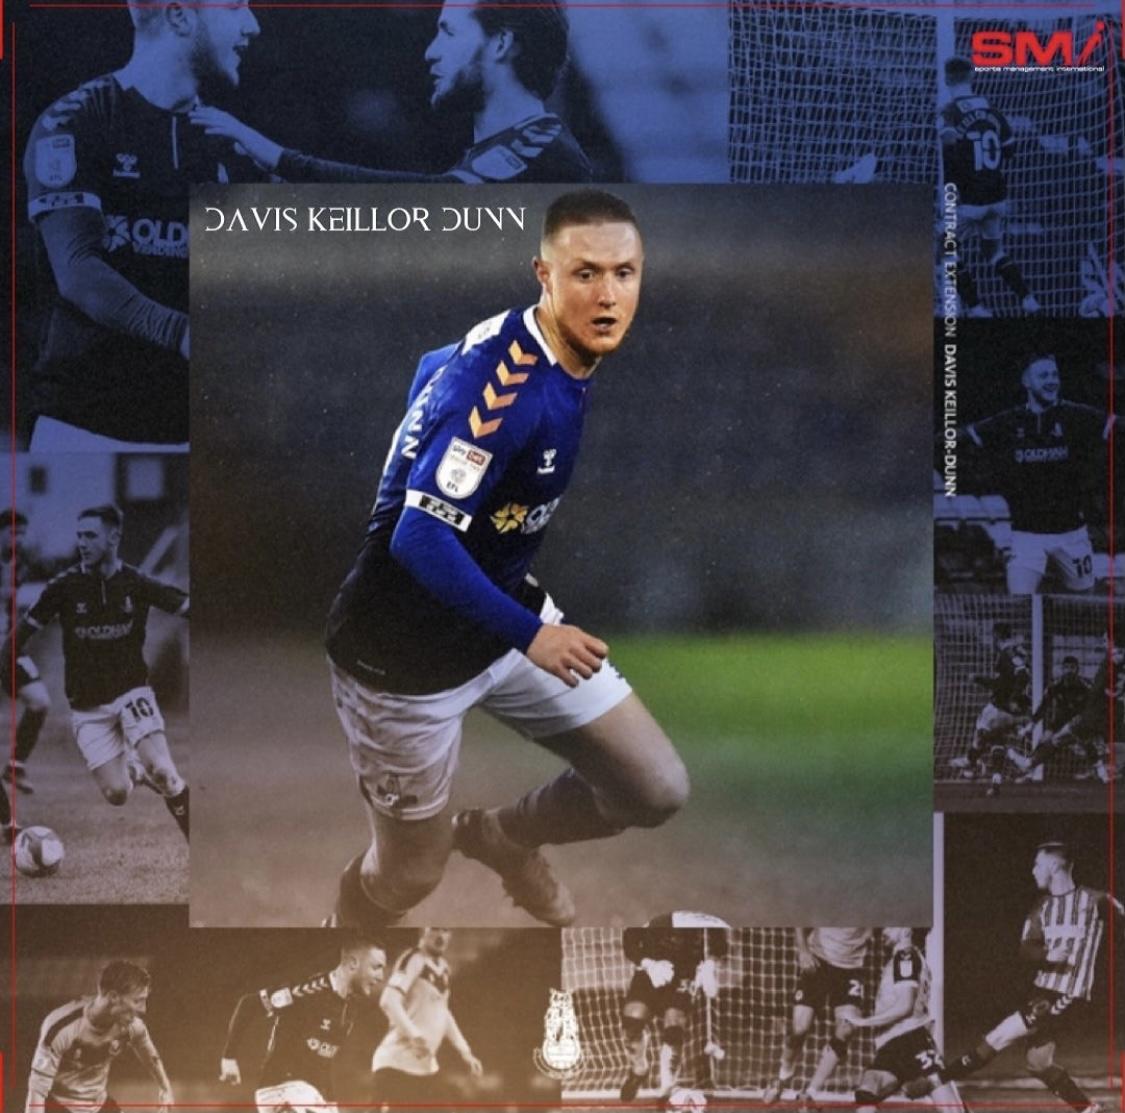 New contract for Davis Keillor Dunn